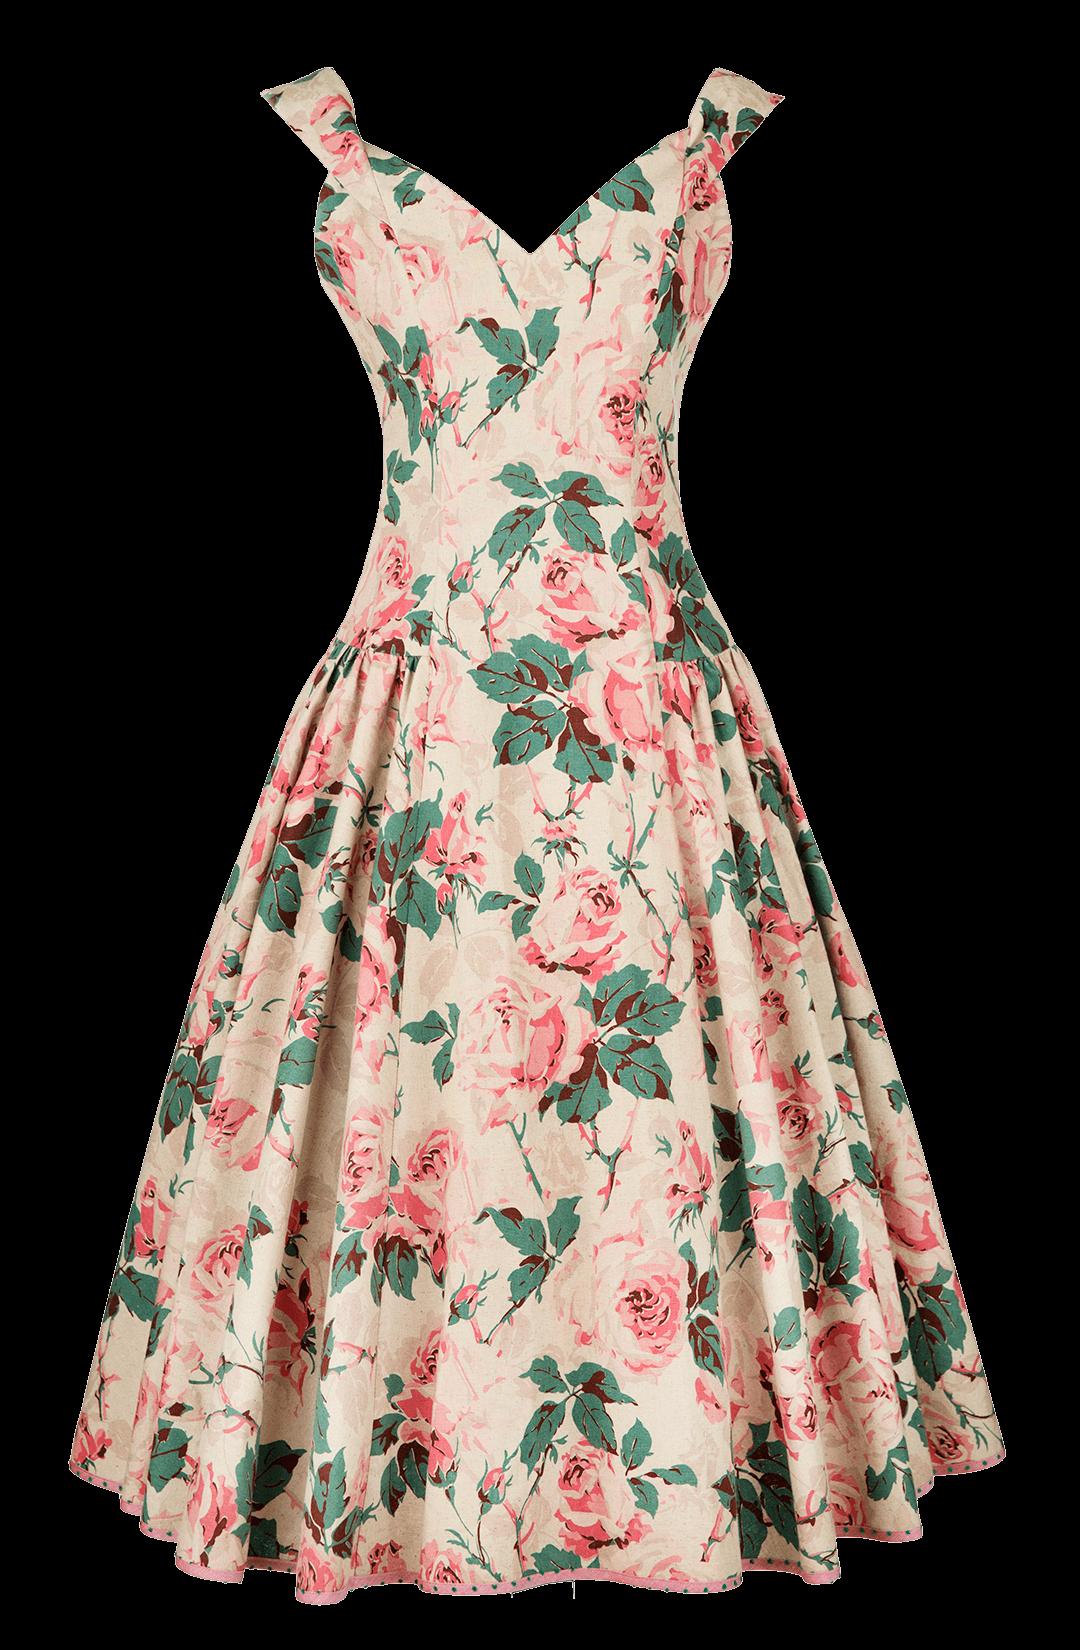 dc419f79f7e Lena Hoschek rose dress~